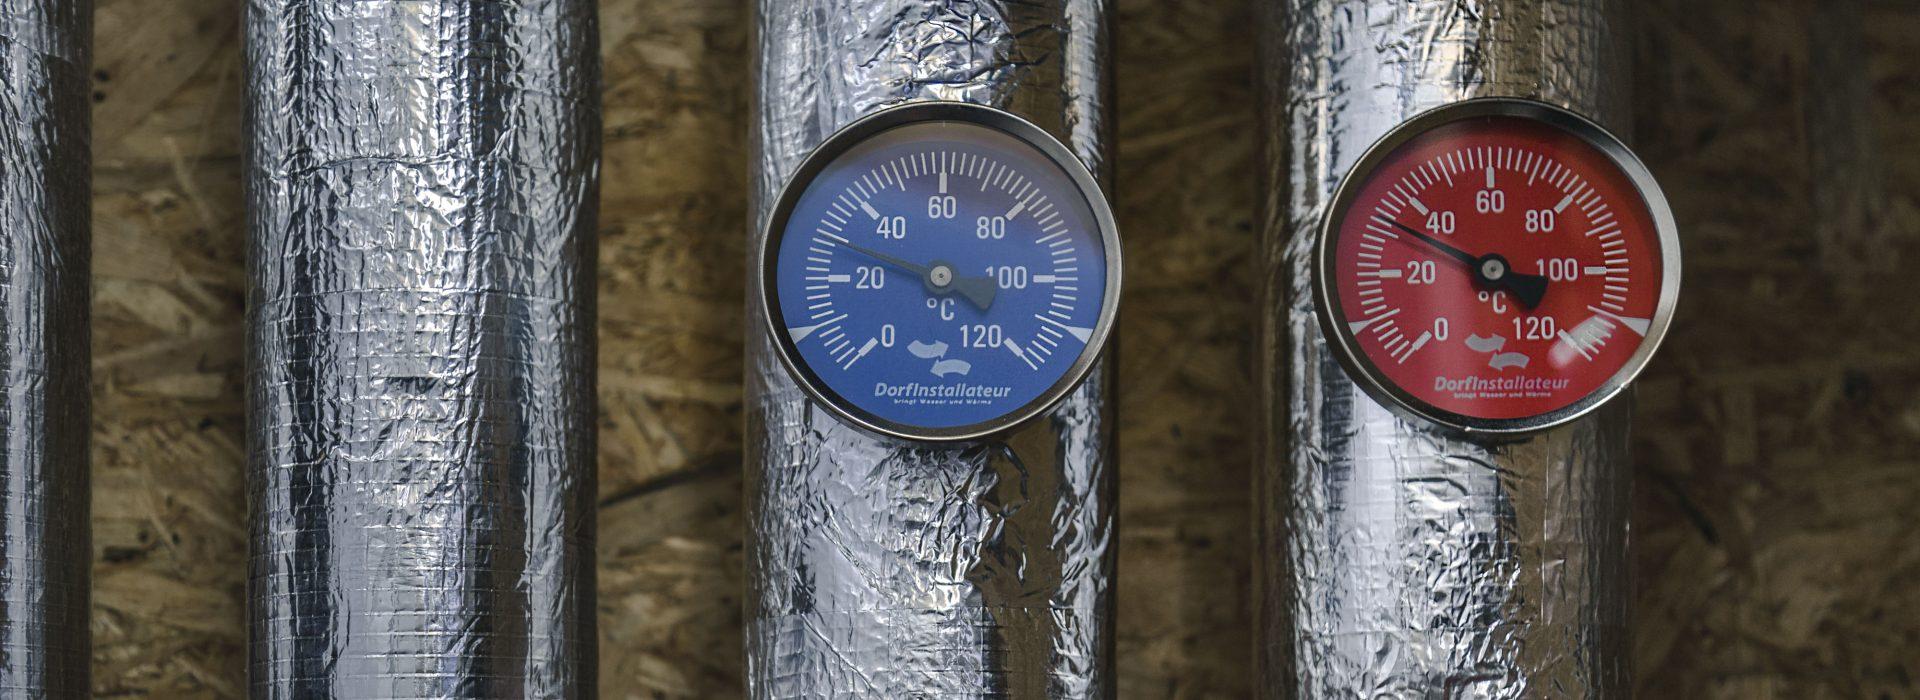 Dorfinstallateur und Klima Thermostat Rohre in Vorarlberg